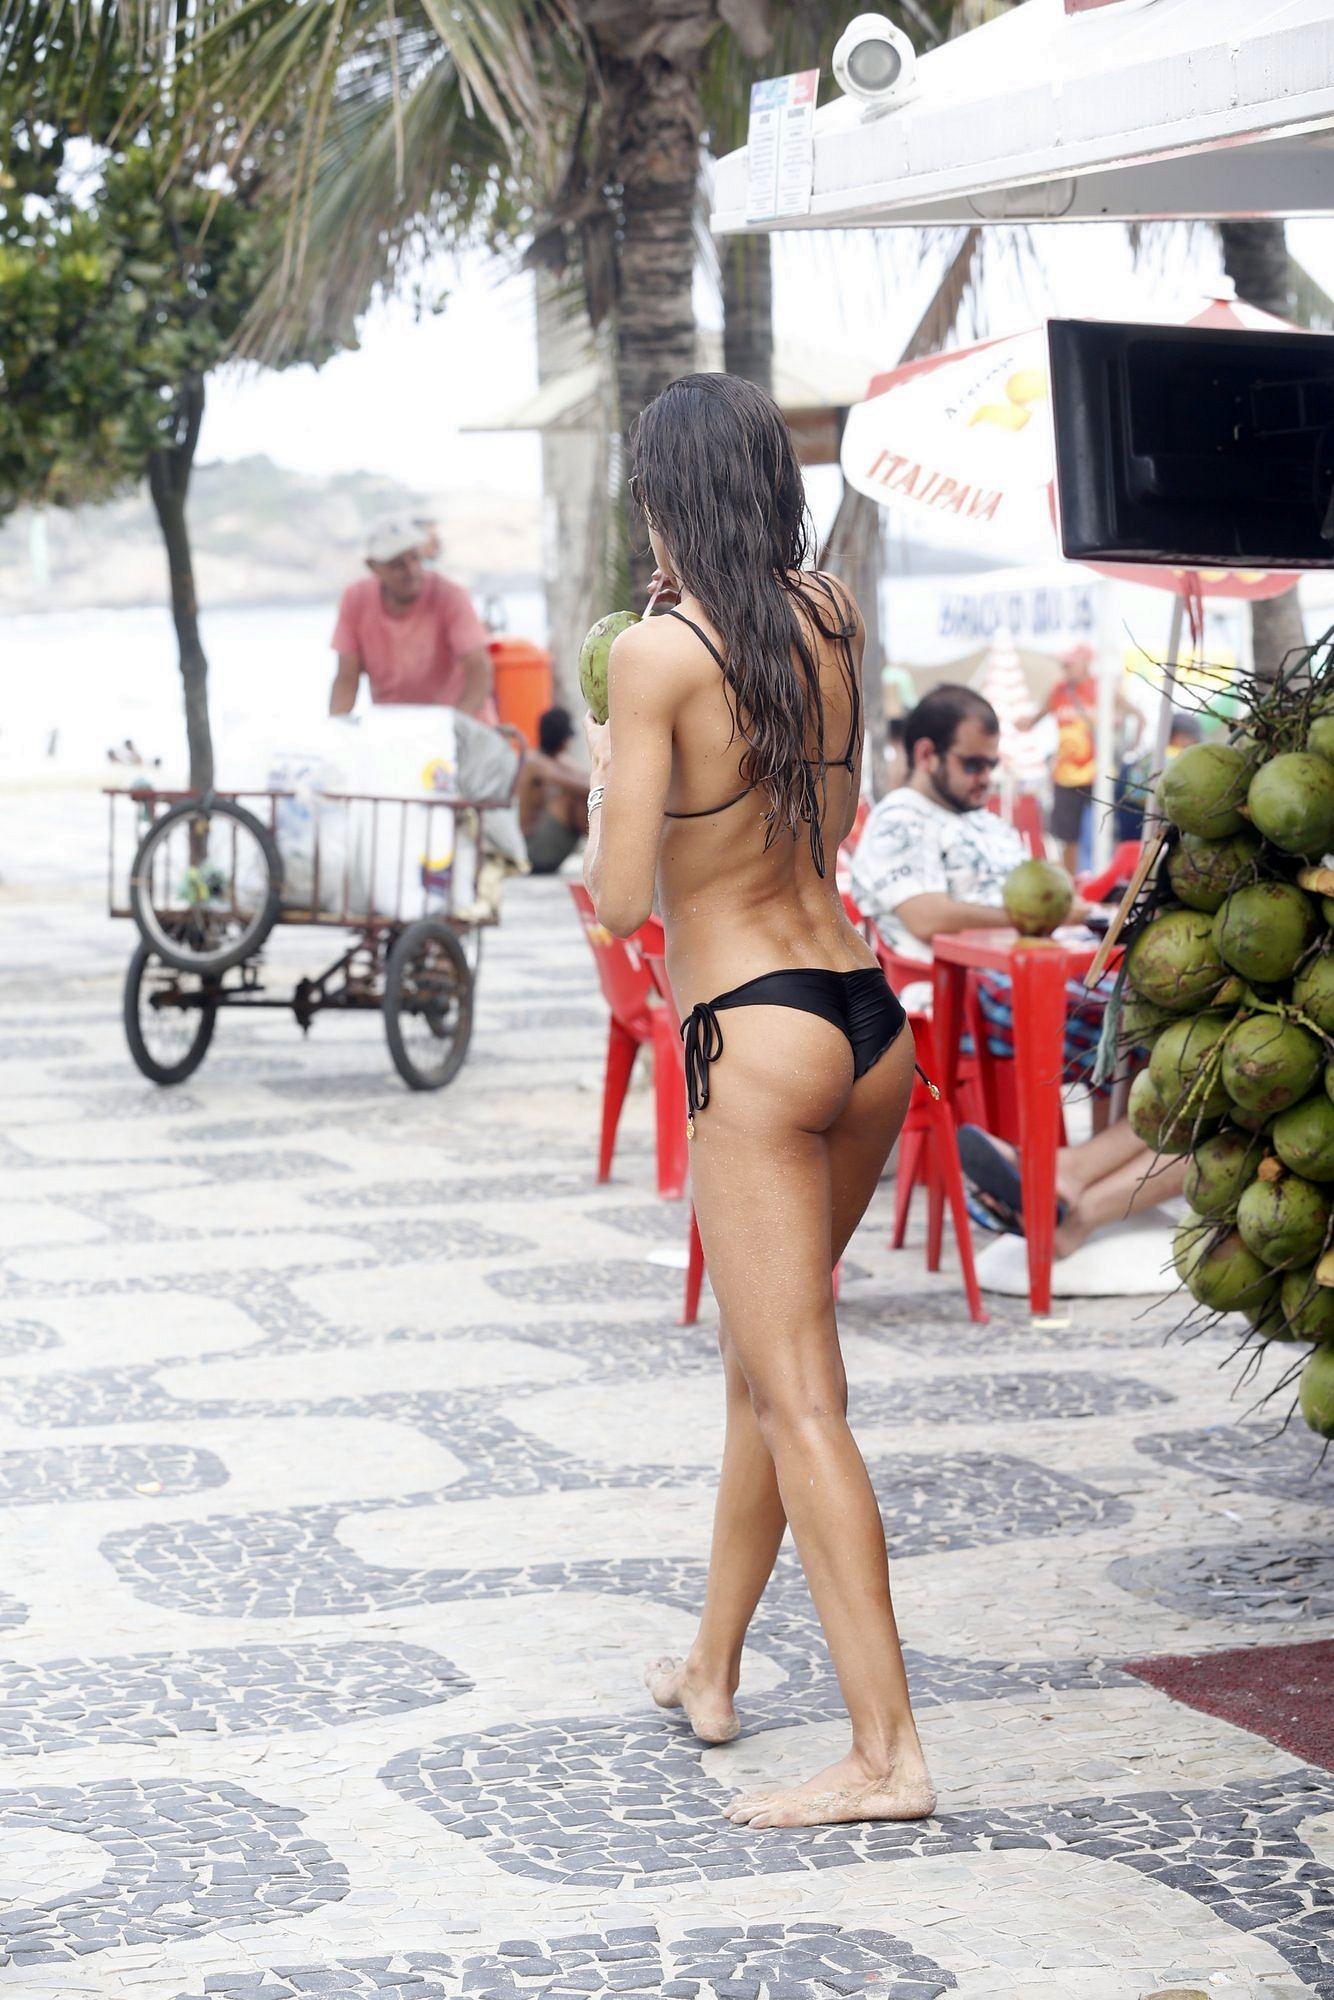 izabel-goulart-wearing-a-bikini-in-rio-de-janeiro-15